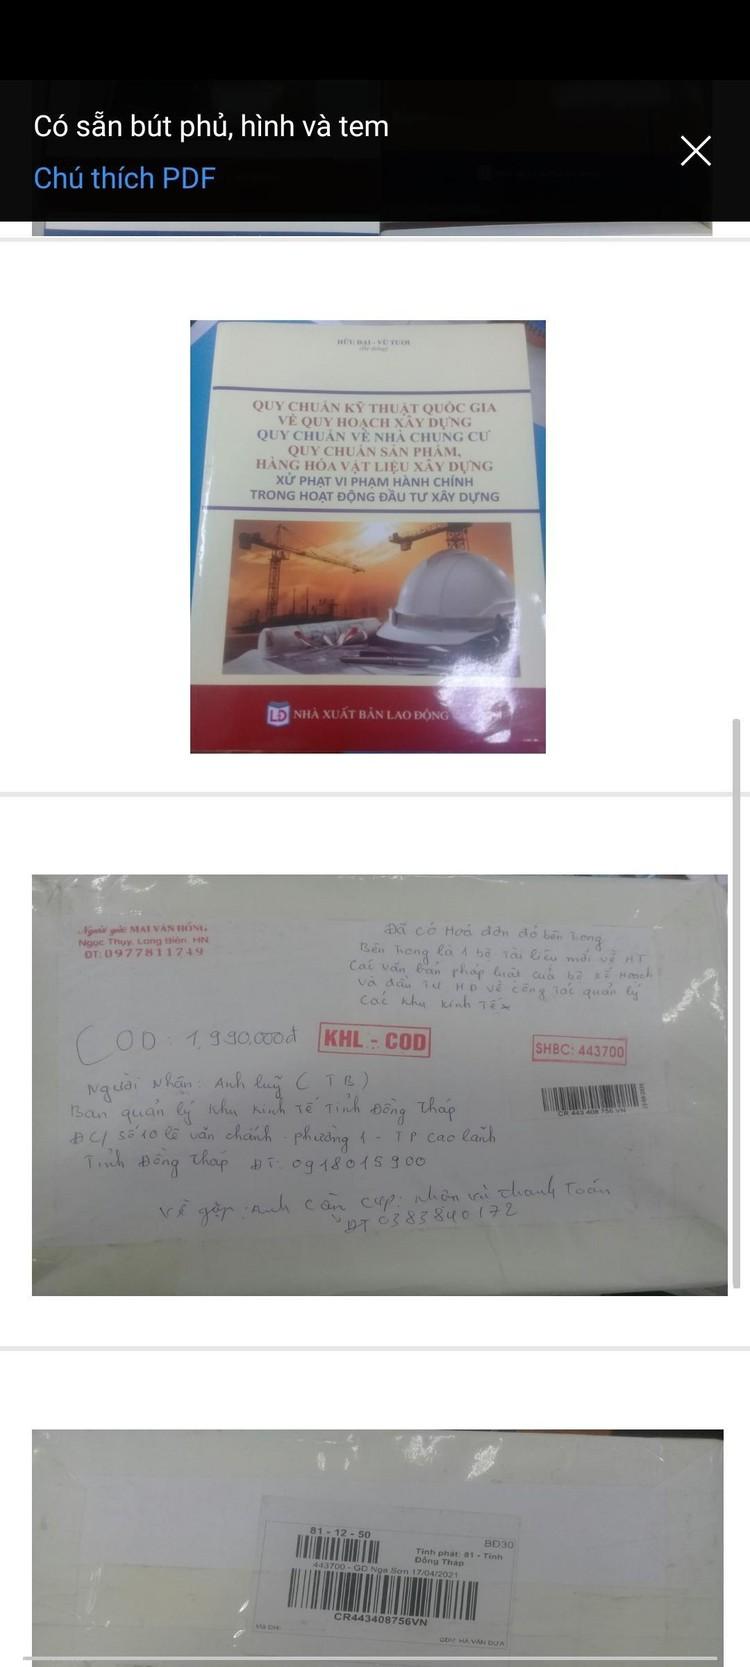 Mạo danh Cục Quản lý đấu thầu để bán sách ảnh 1